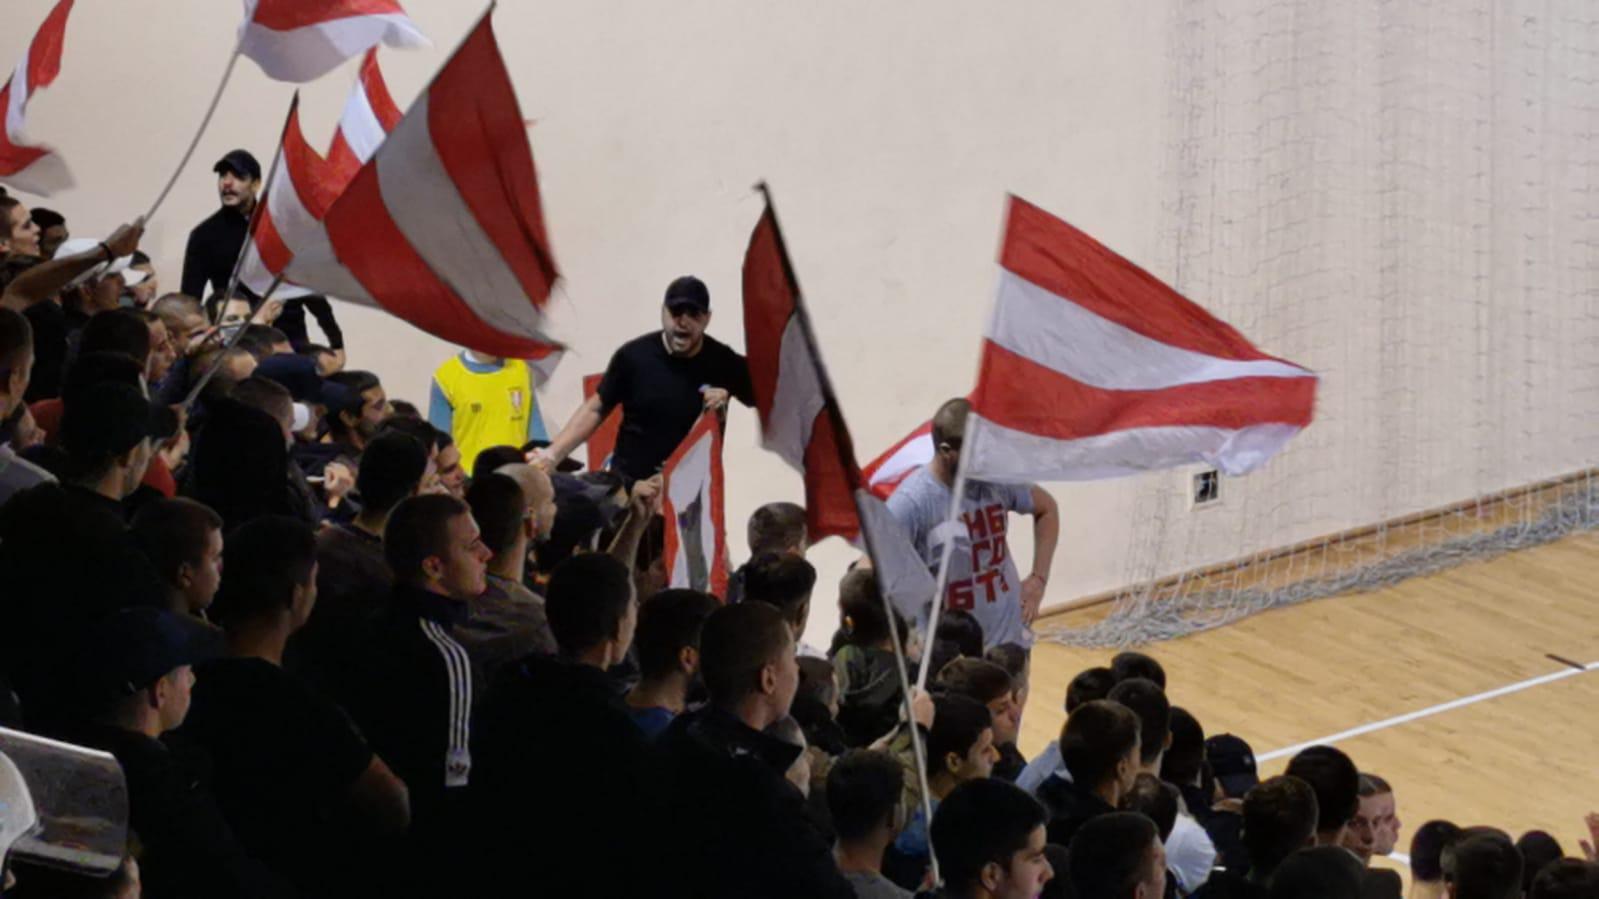 Zvezdini navijači vređali Novopazarce na nacionalnoj osnovi (video)